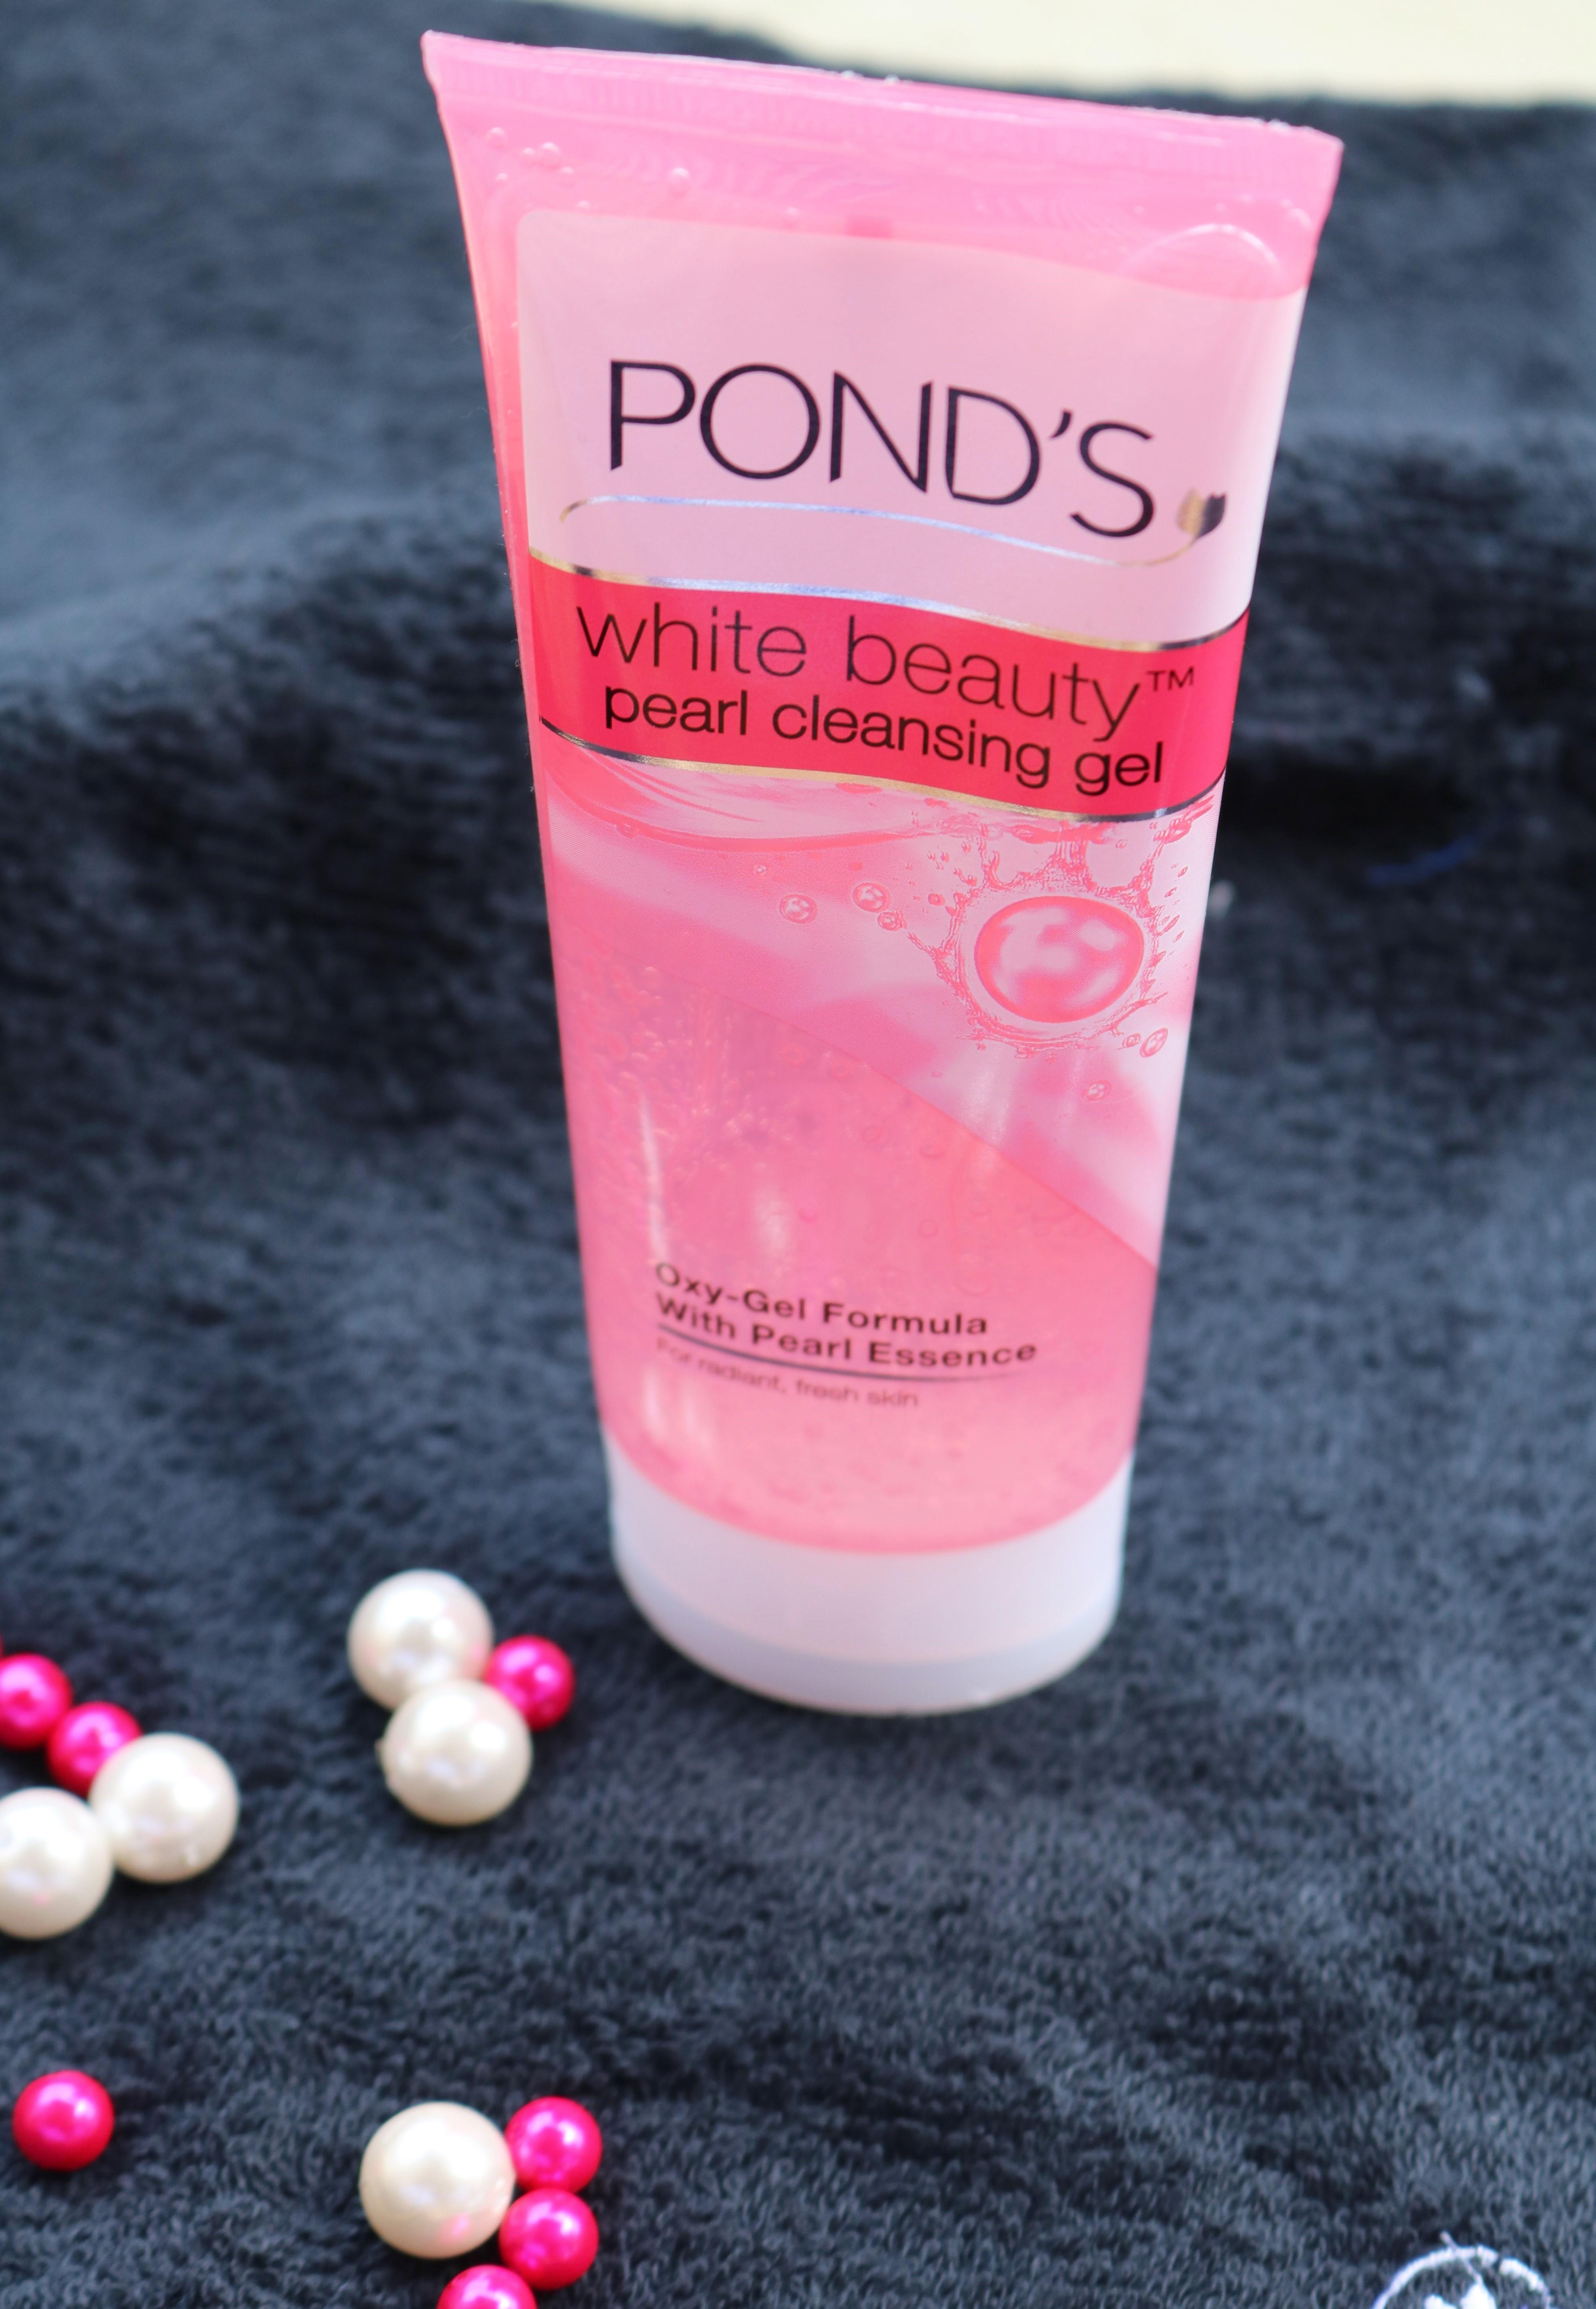 Pond's Pearl Cleansing Gel